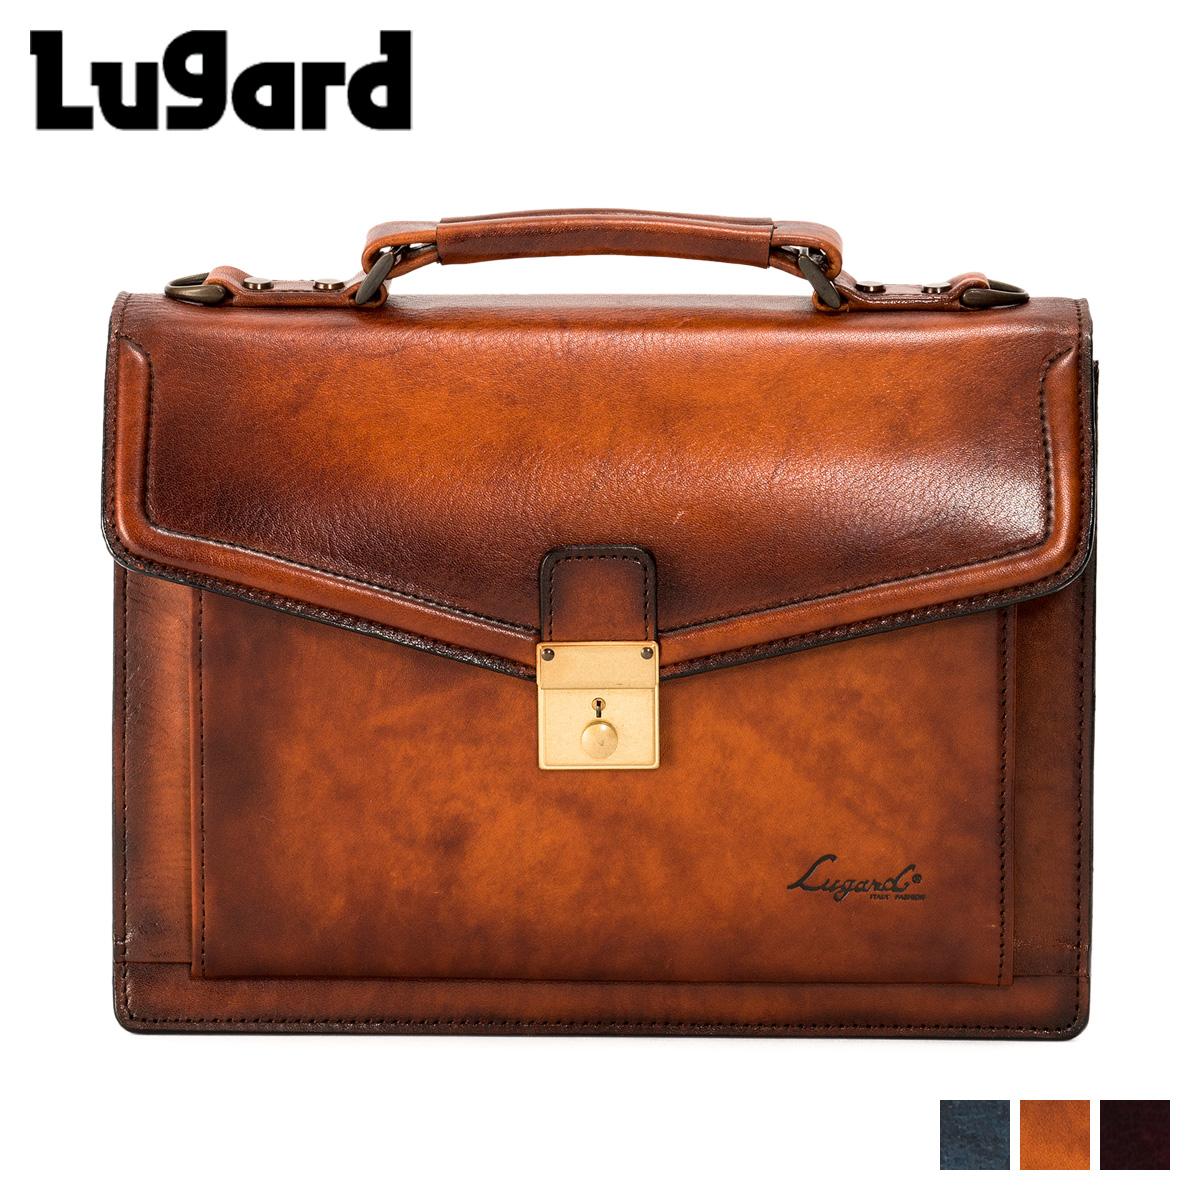 Lugard ラガード 青木鞄 ジースリー バッグ クラッチバッグ セカンドバッグ ビジネス メンズ G3 CLUTCH BAG ネイビー ブラウン ボルドー 5218 [4/23 追加入荷]